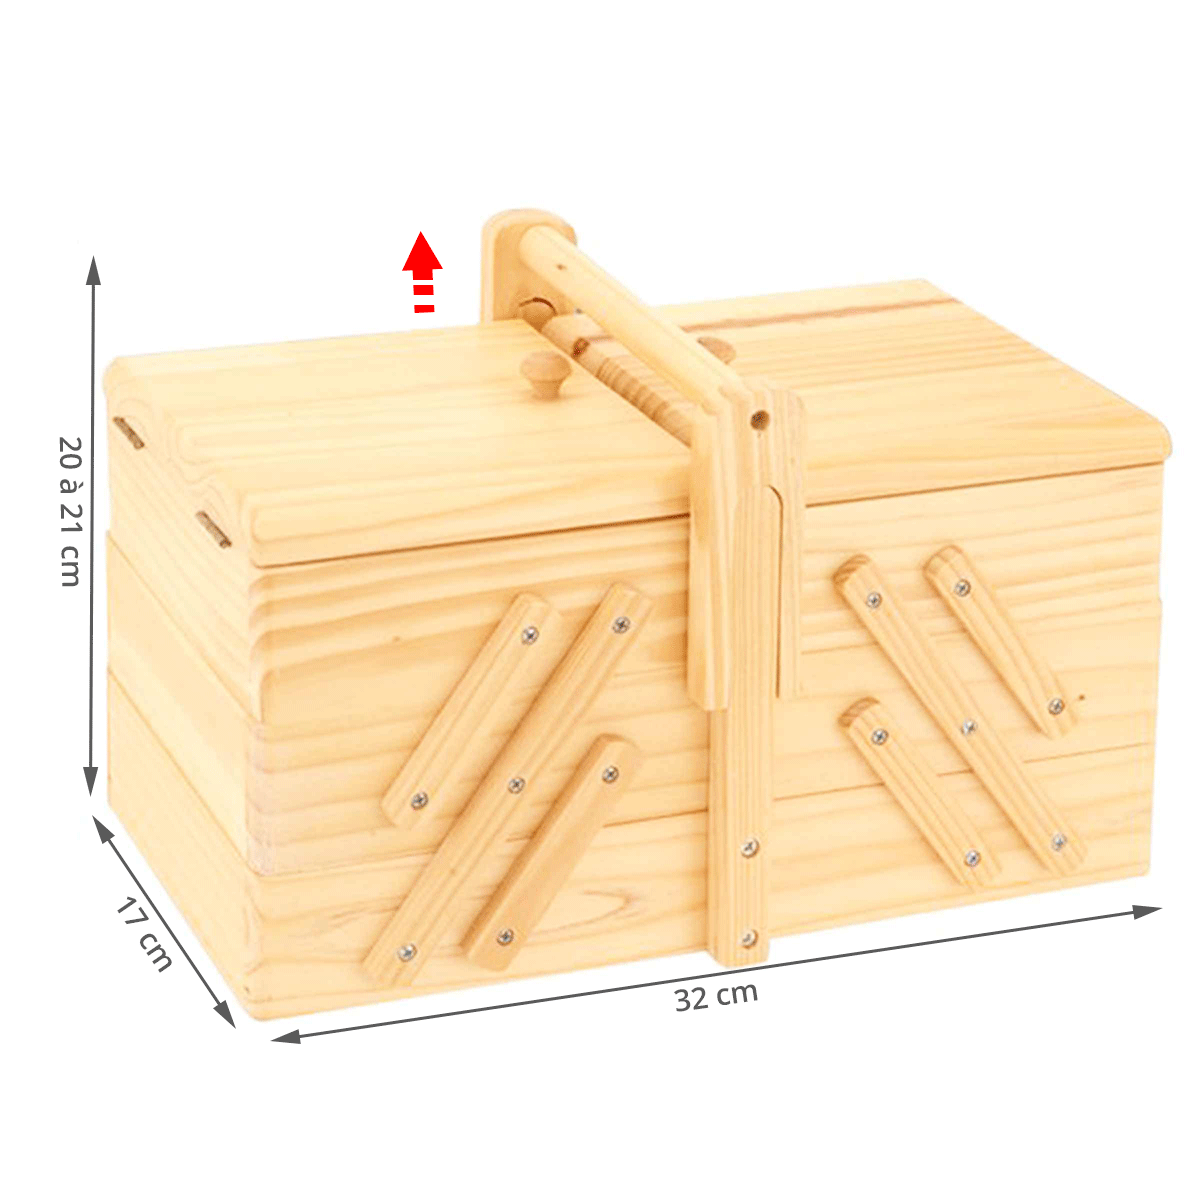 Bo te couture en bois travailleuse rangement for Boite a couture en bois